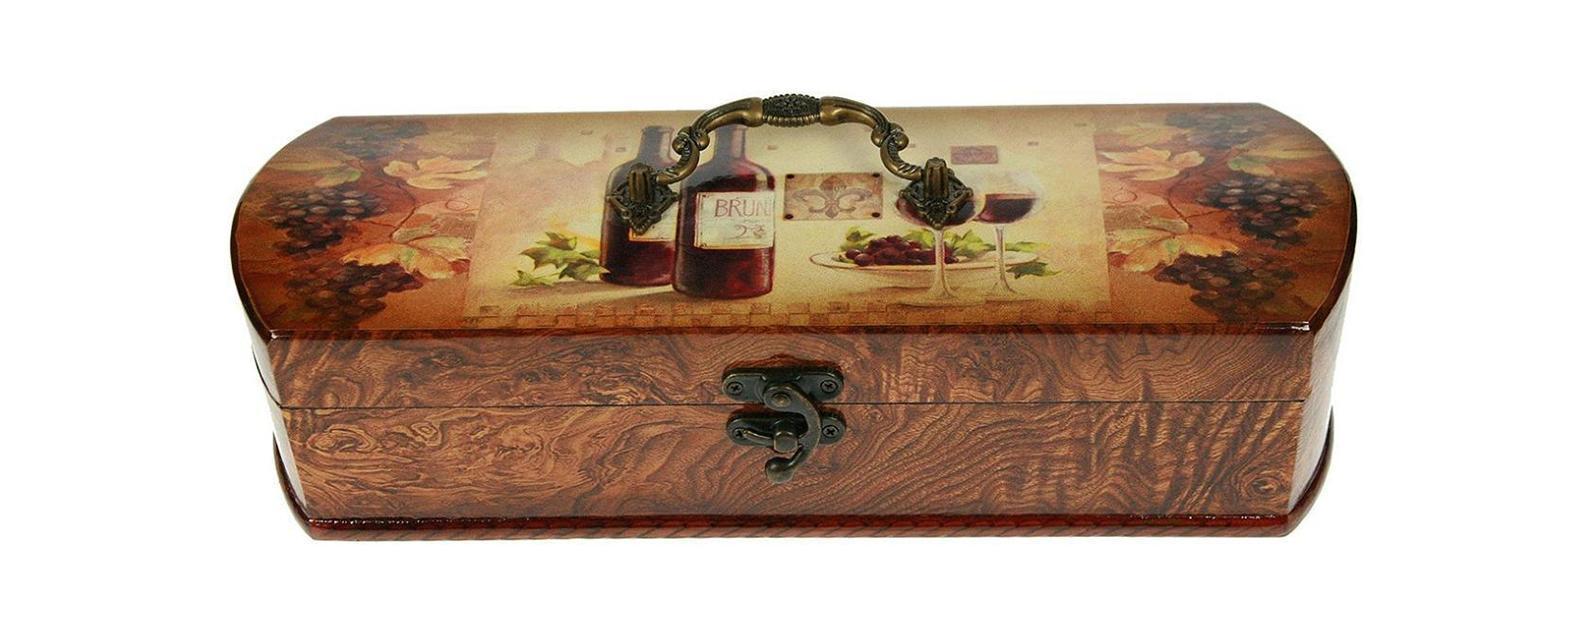 Шкатулка Русские подарки Сундучок 34761 предназначена для хранения бутылок с вином. Она не оставит равнодушным ни одного любителя оригинальных вещей. Данная модель надежно закрывается на металлический замок. Сочетание оригинального дизайна и функциональности делает такую вещь практичным, стильным подарком и предметом гордости ее обладателя. Материал: MDF, бумага, эл. металла; цвет: коричневый